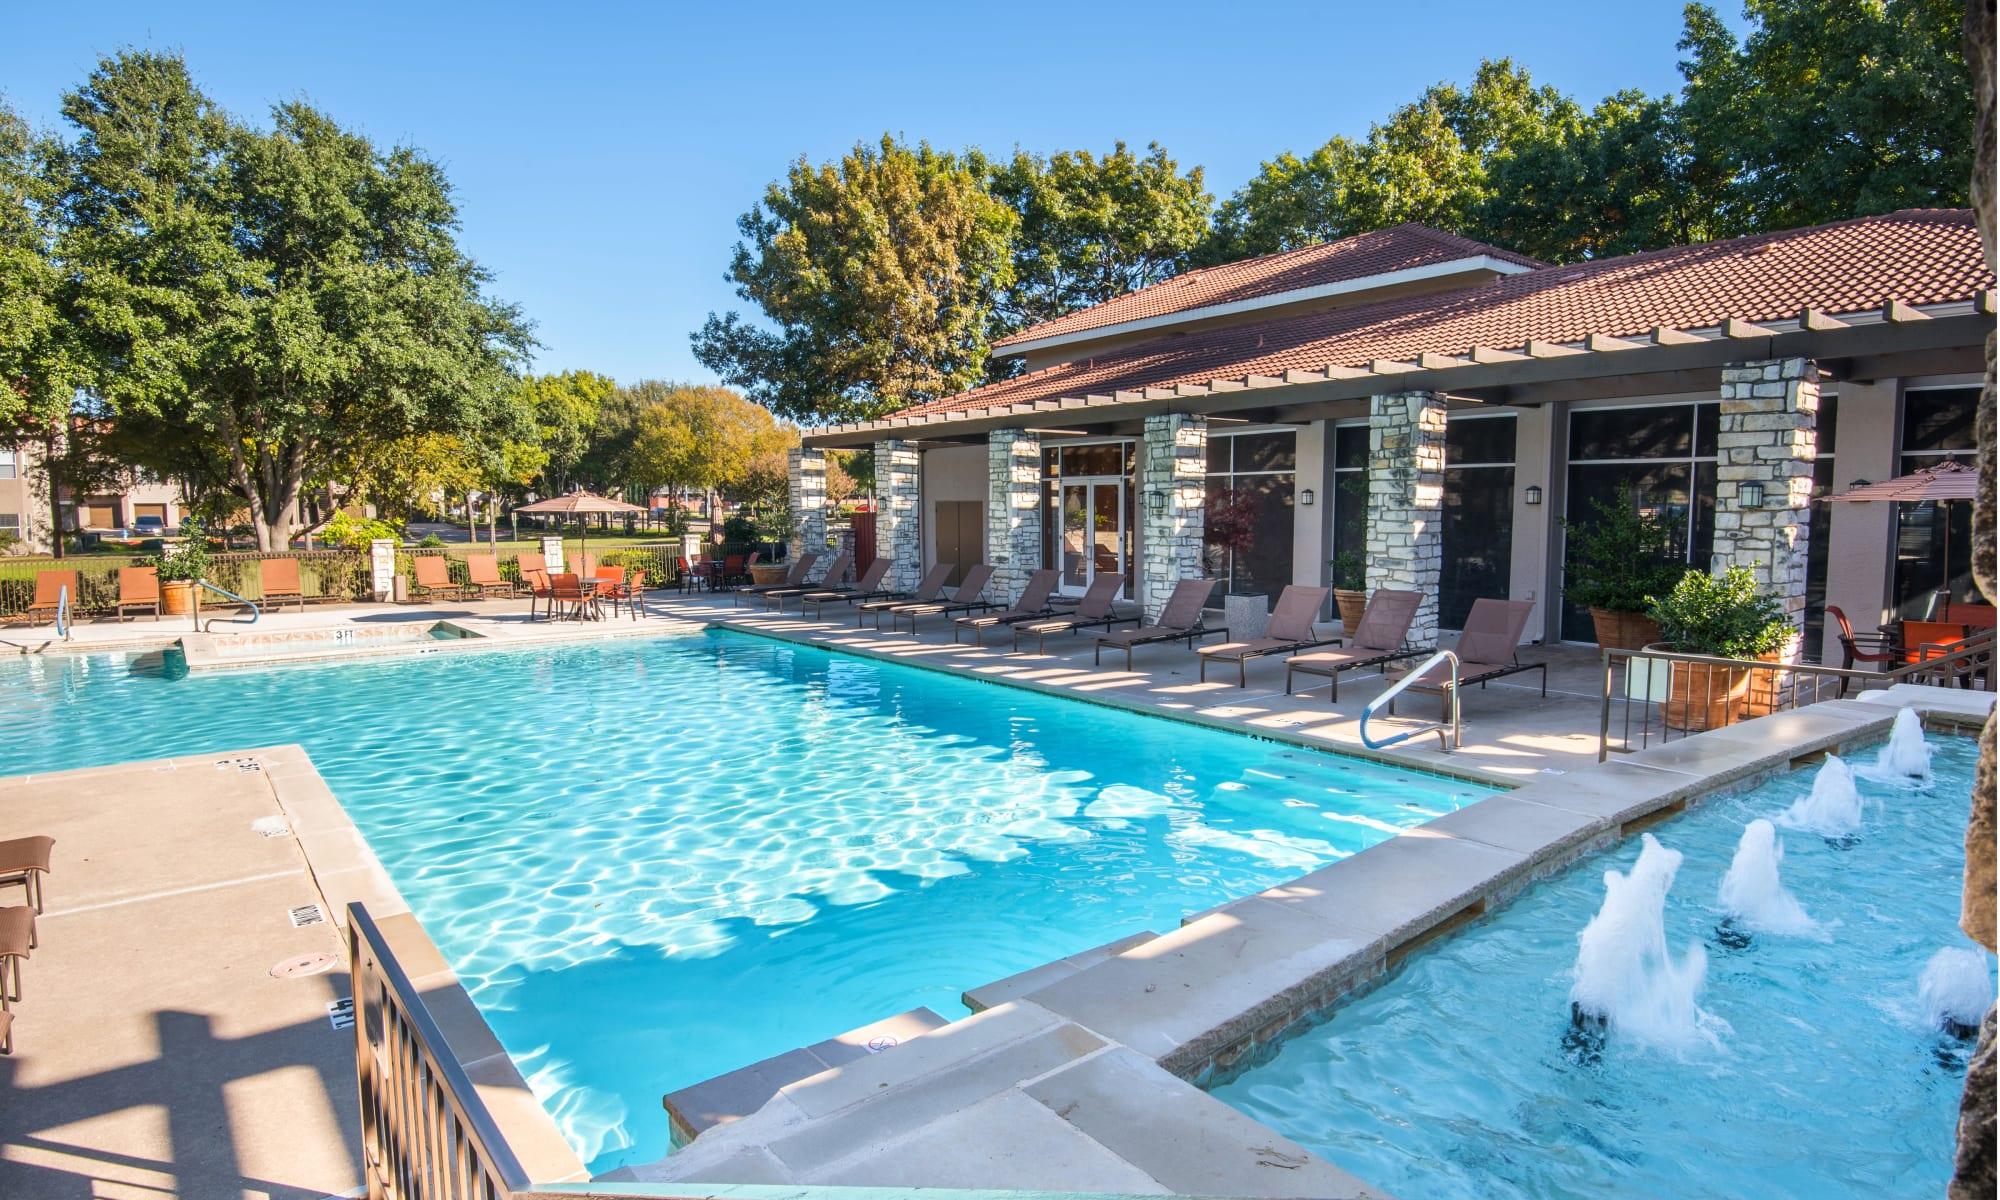 Apartments at Villas of Preston Creek in Plano, Texas